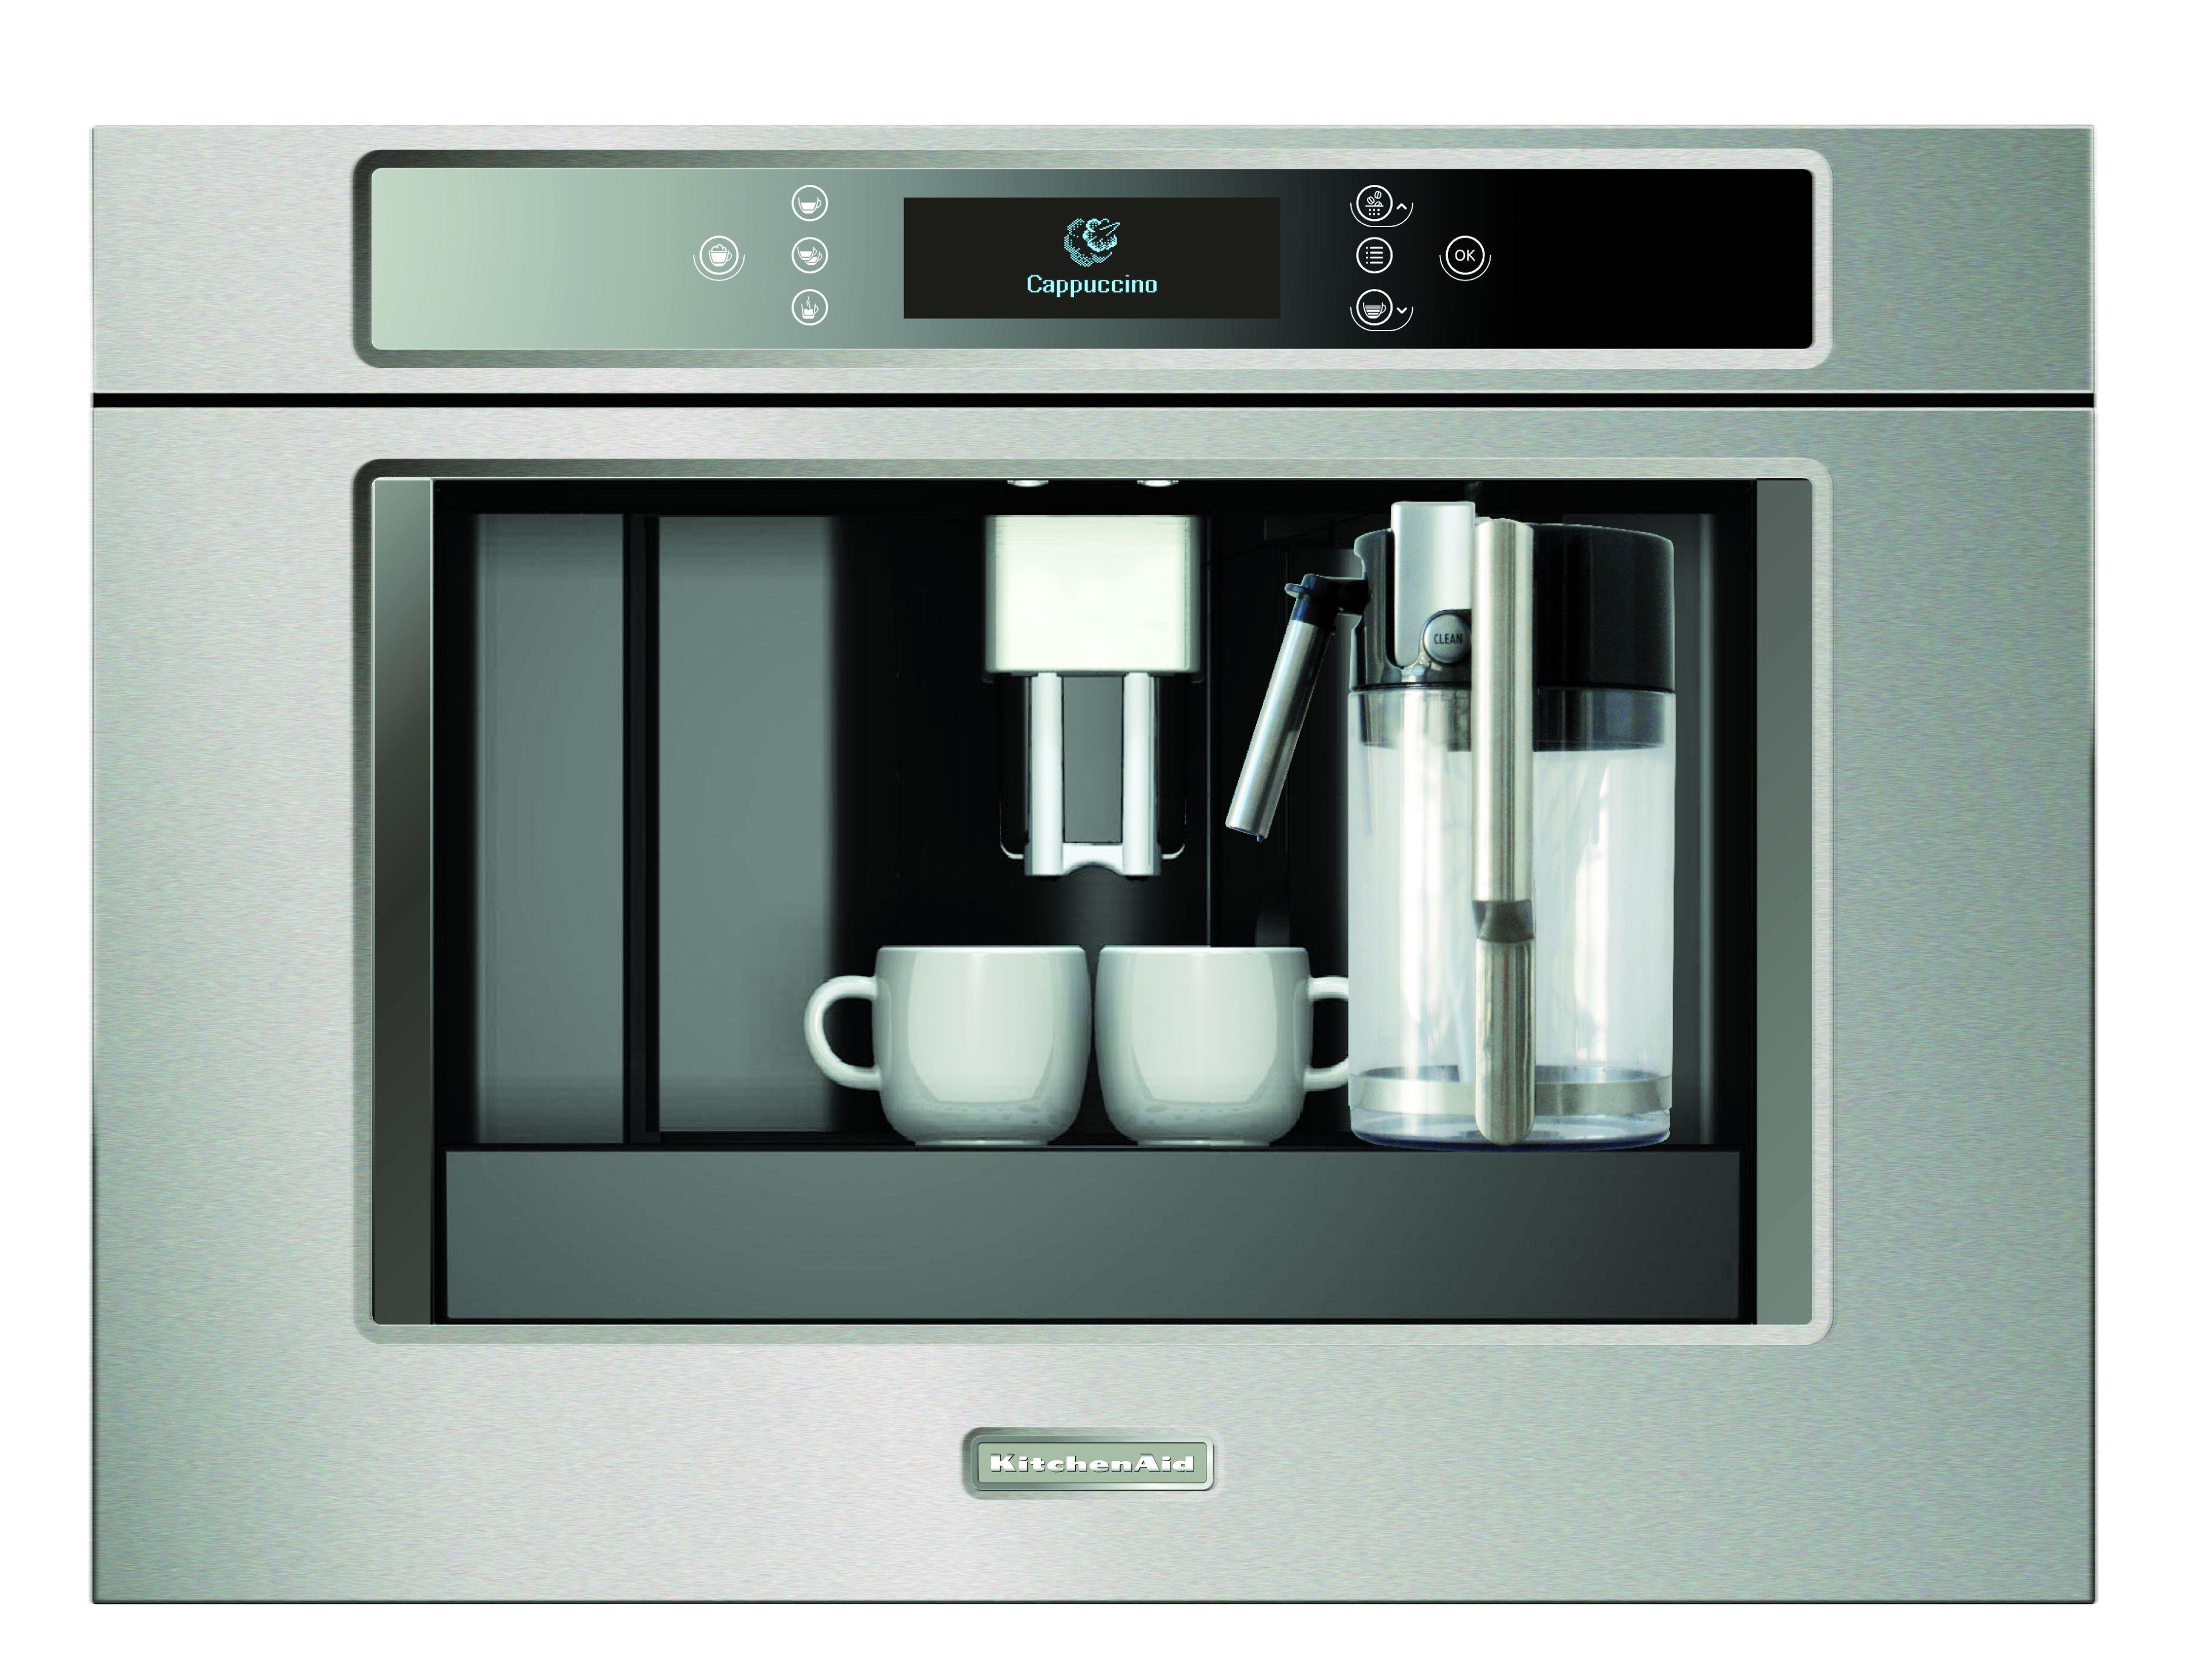 Einbau Kaffeemaschine kitchenaid einbaukaffeemaschine kscx 3625 kaffee wie vom barista